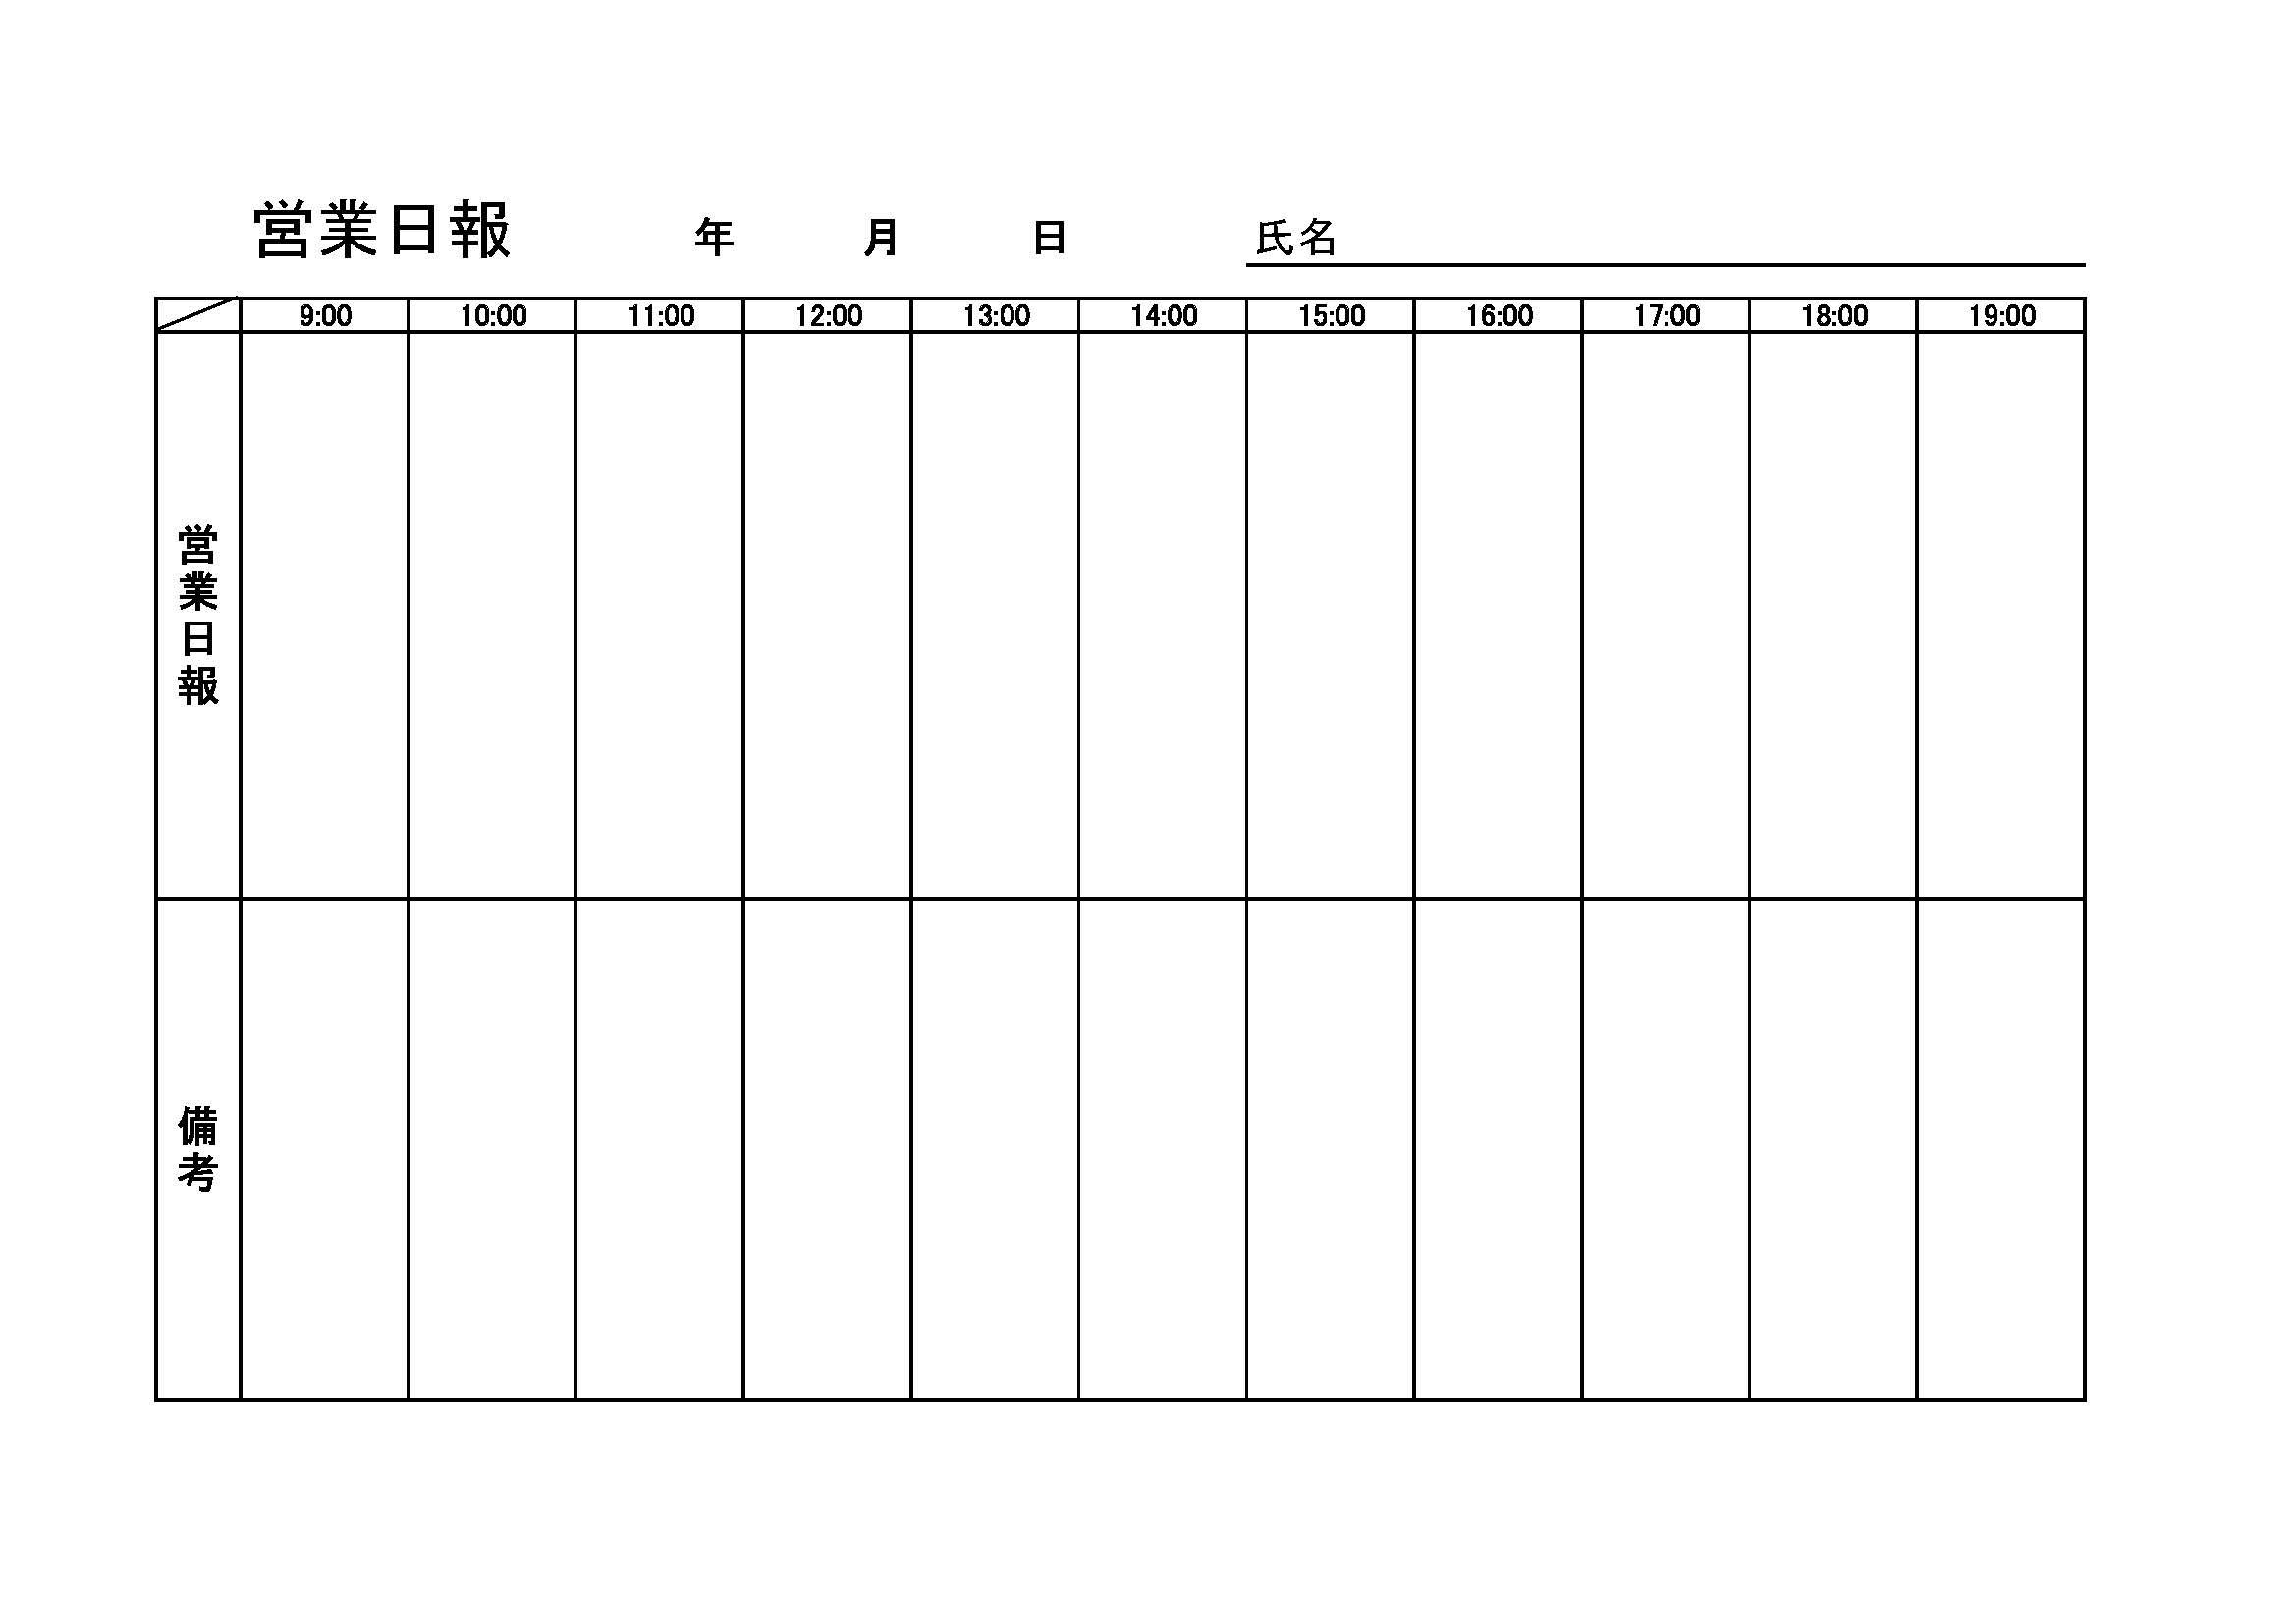 営業日報10